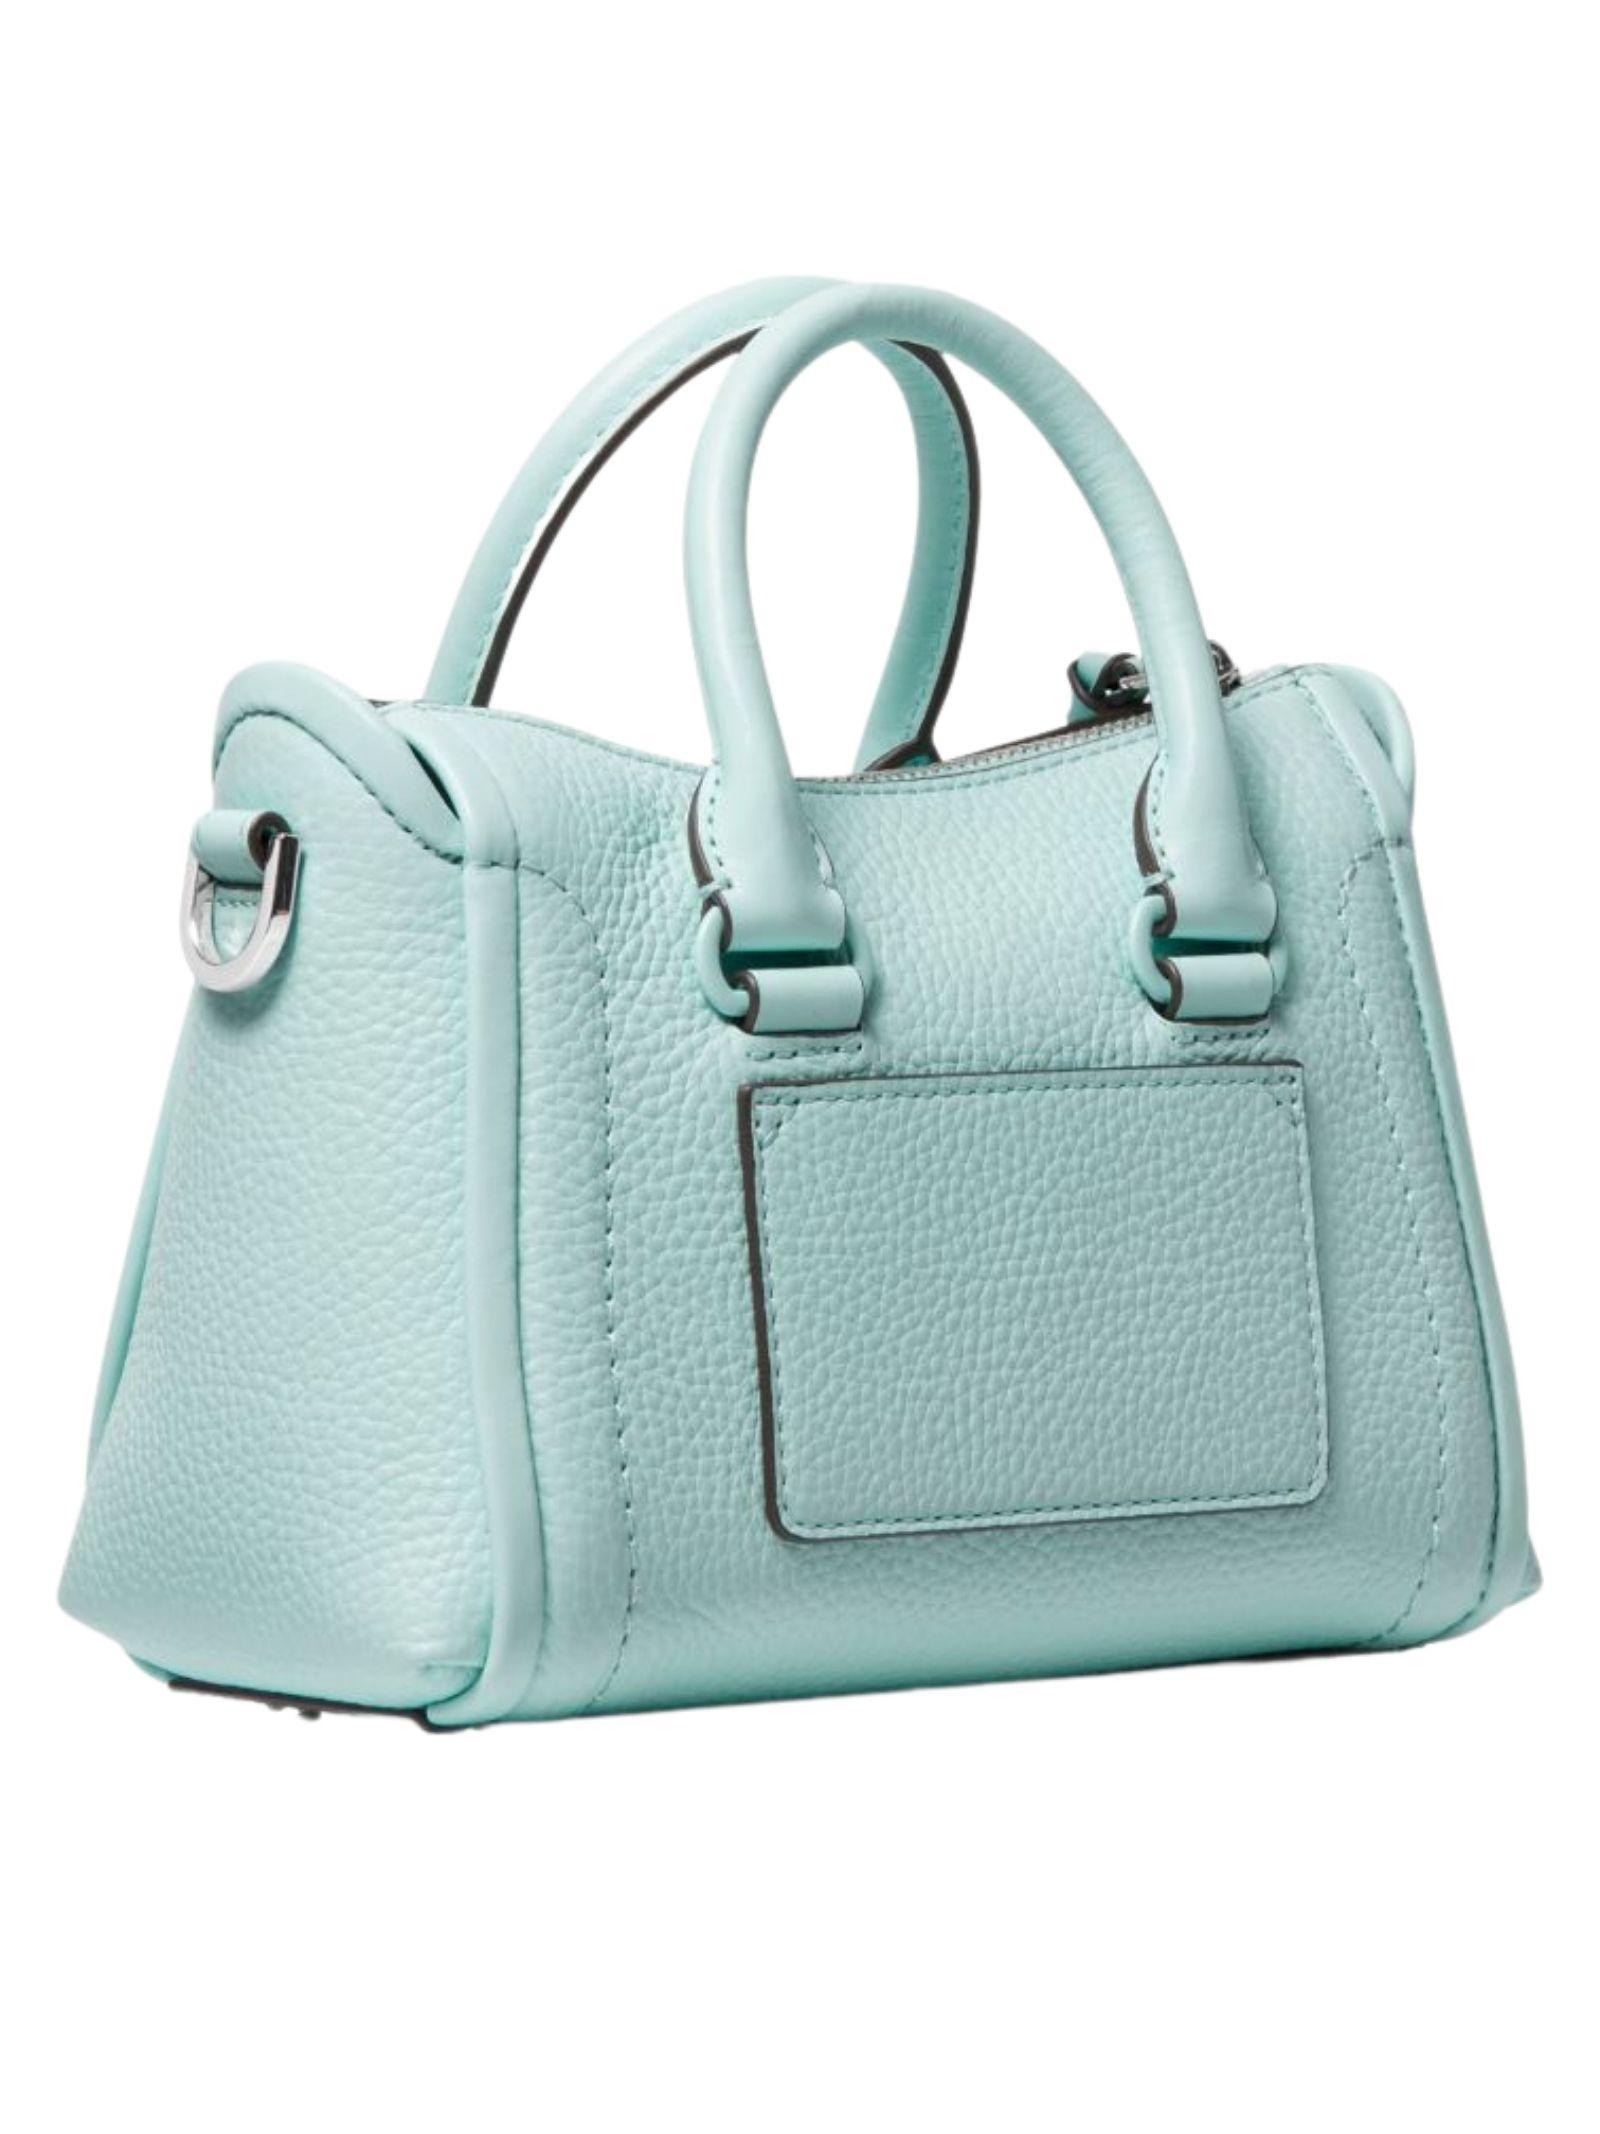 Borsa a tracolla Carine extra-small MICHAEL KORS | Handbag | 32S1SCCC0L432